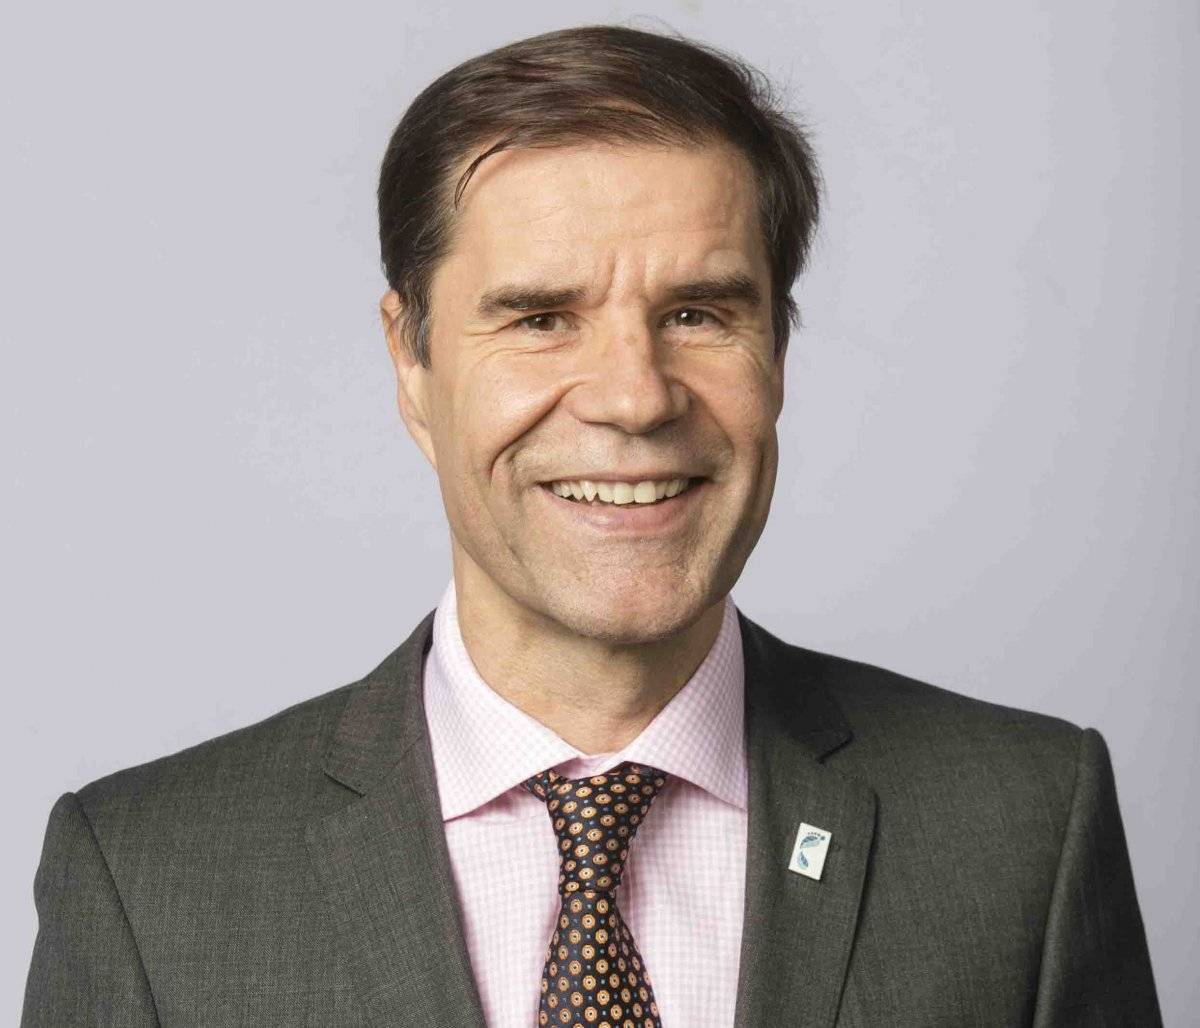 Mathis Wackernagel, CEO de Global Footprint Network